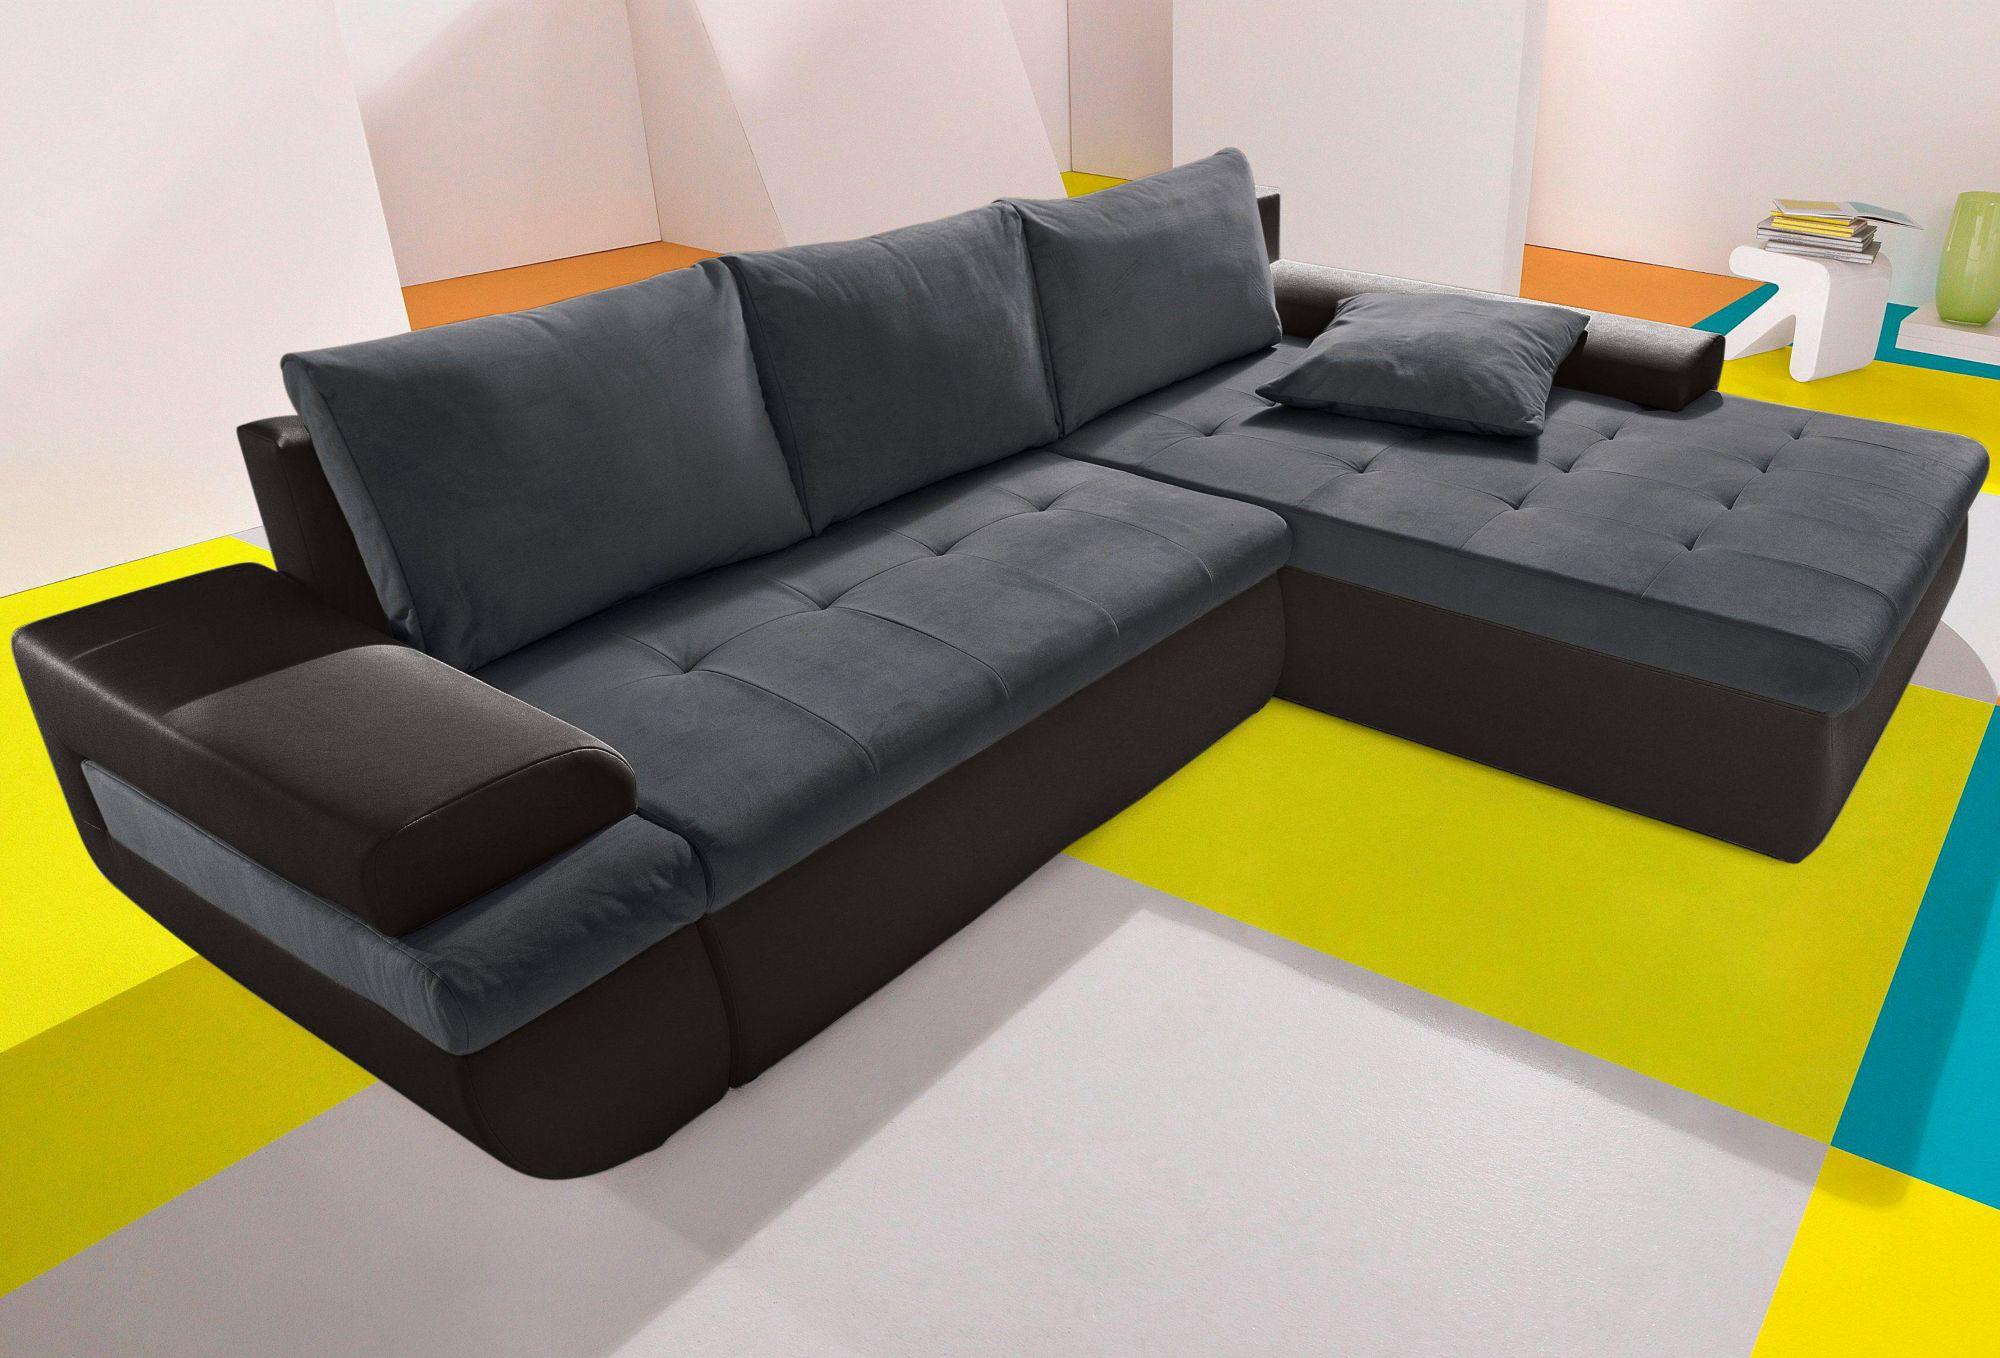 Ecksofa Otto Versand : Couch g?nstig kaufen beim schwab versand